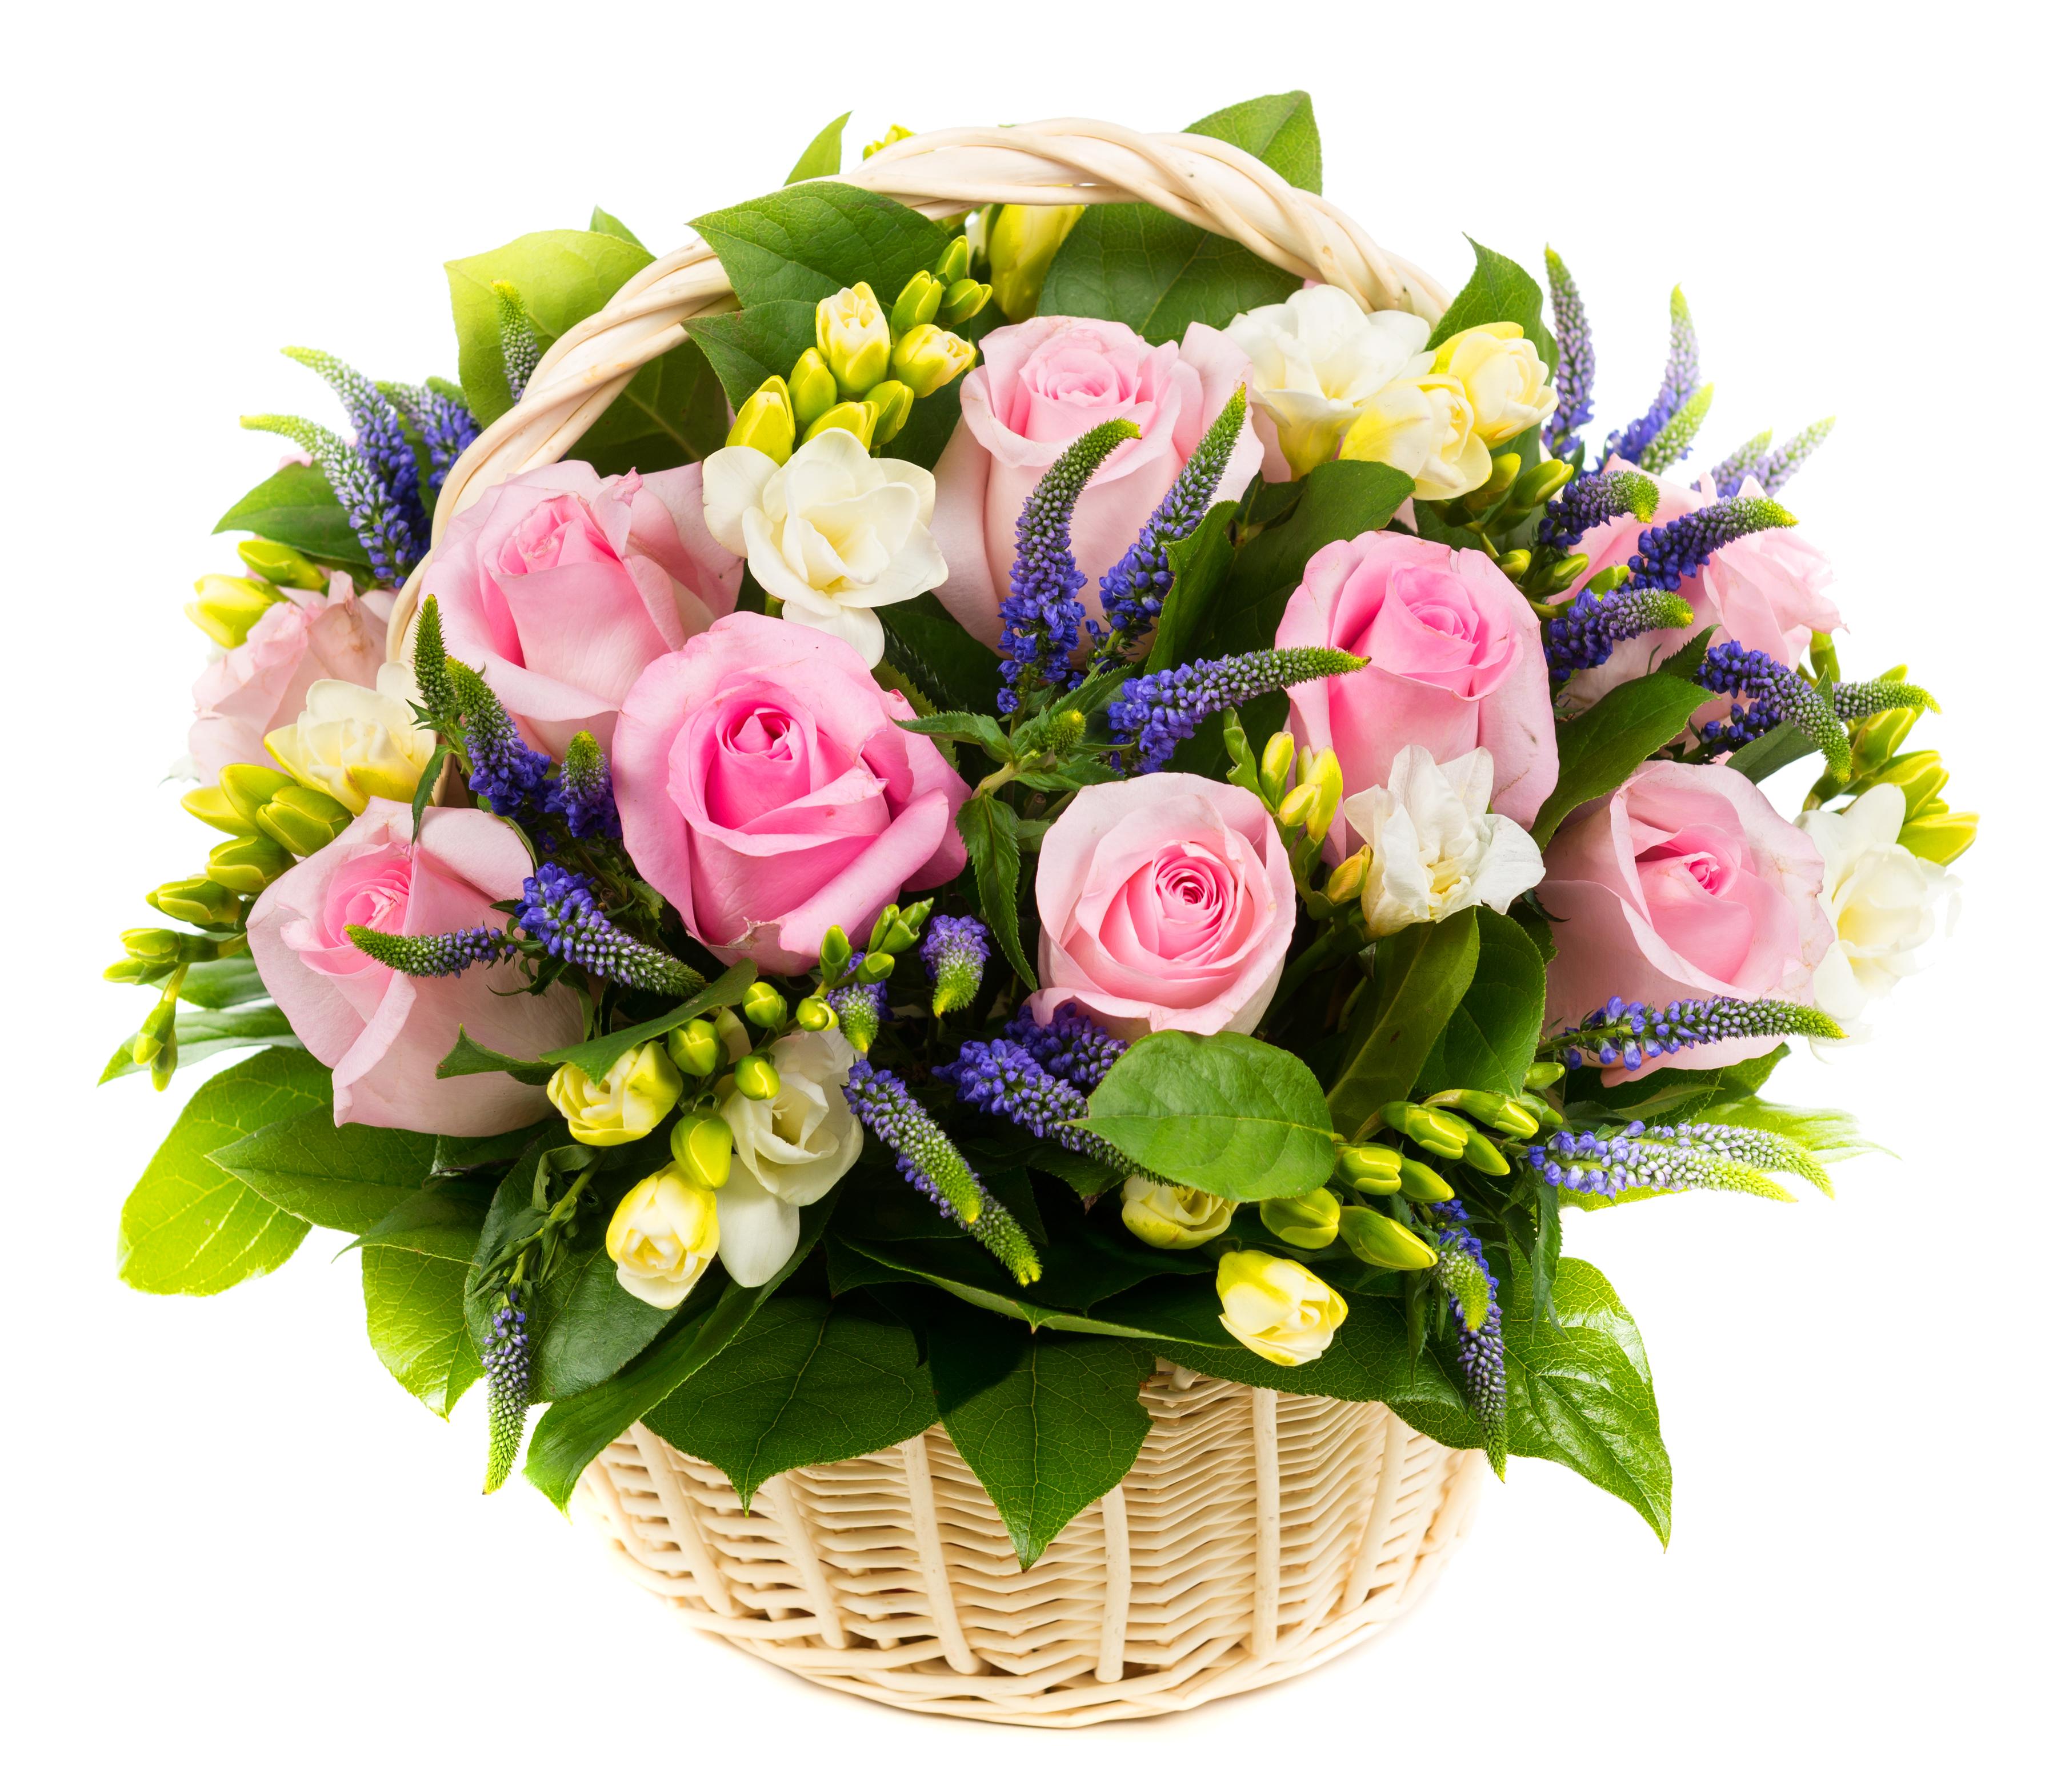 обеспечивает стикеры цветы фото с днем рождения мед противоречивый